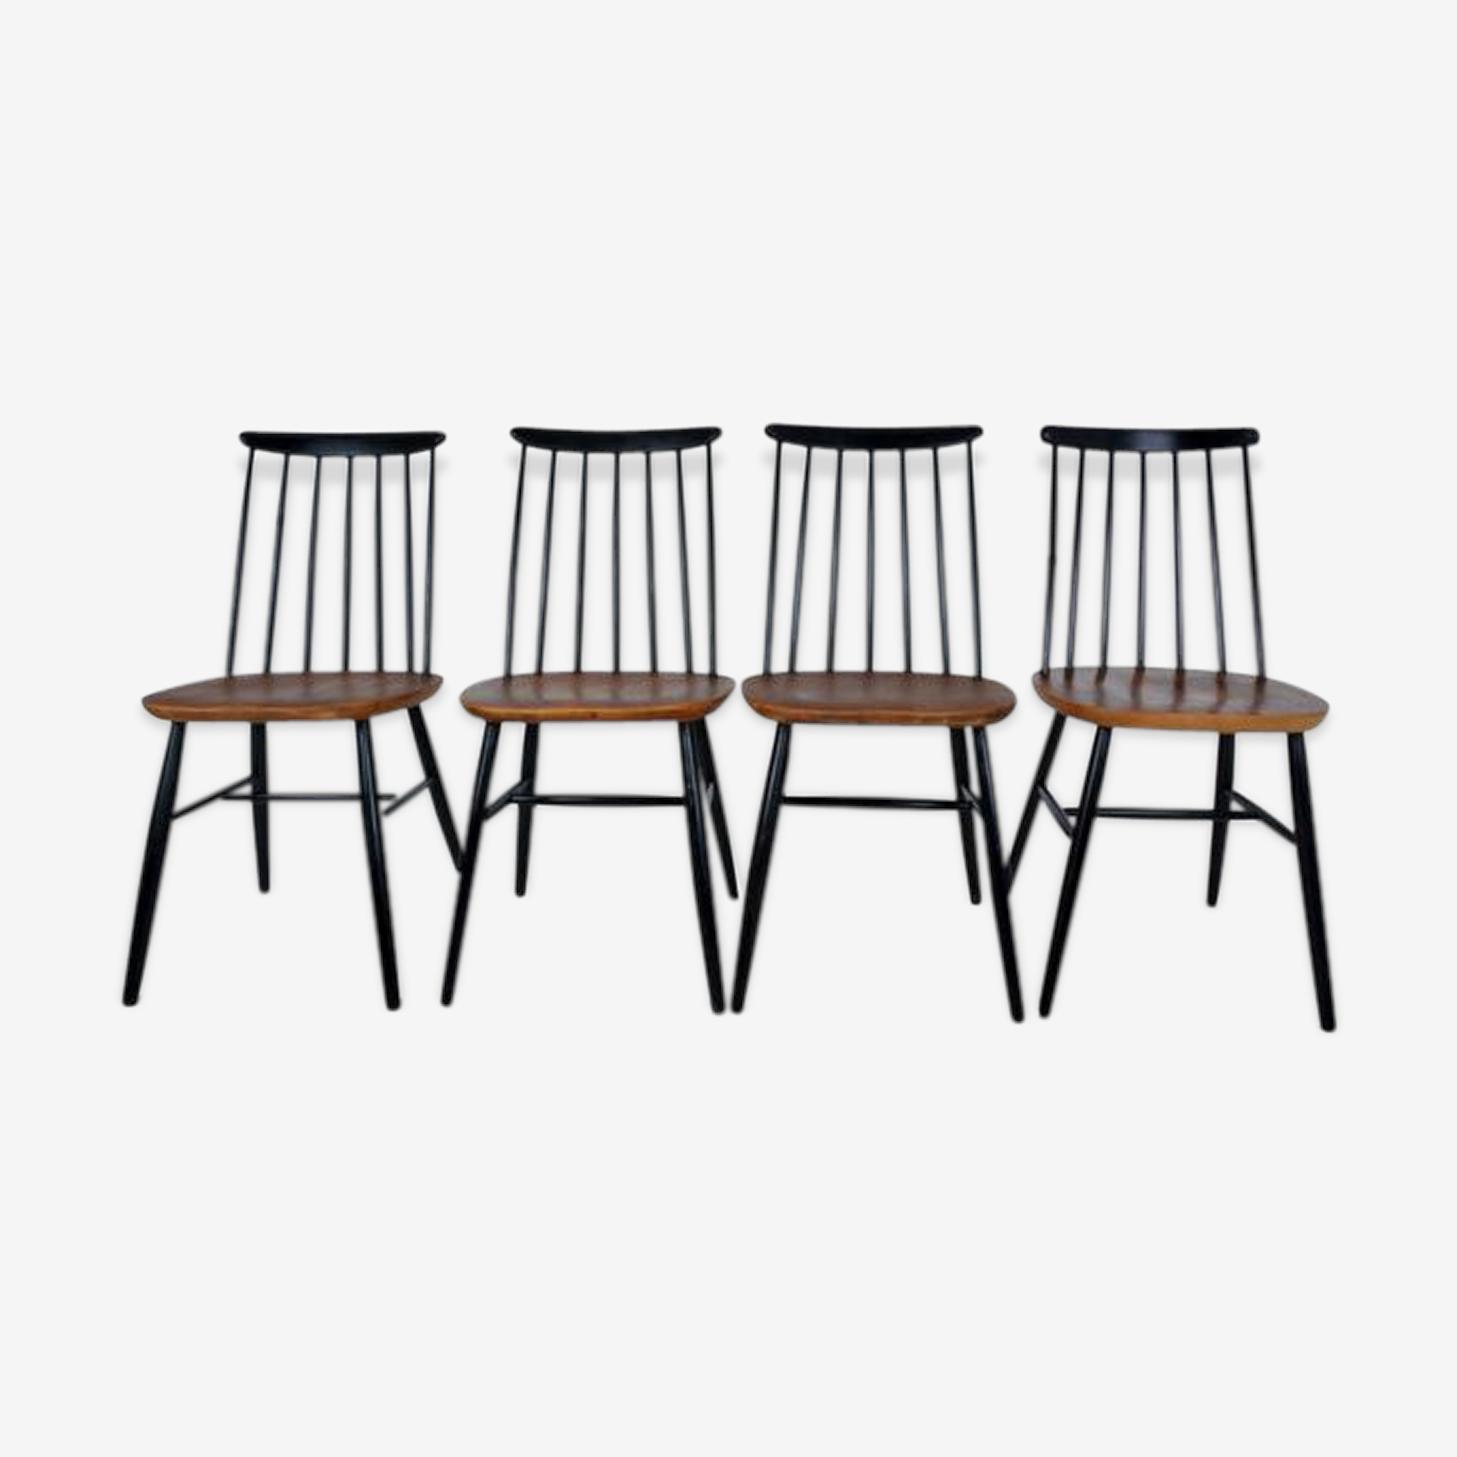 Suite de 4 chaises scandinaves tapiovaara années 60